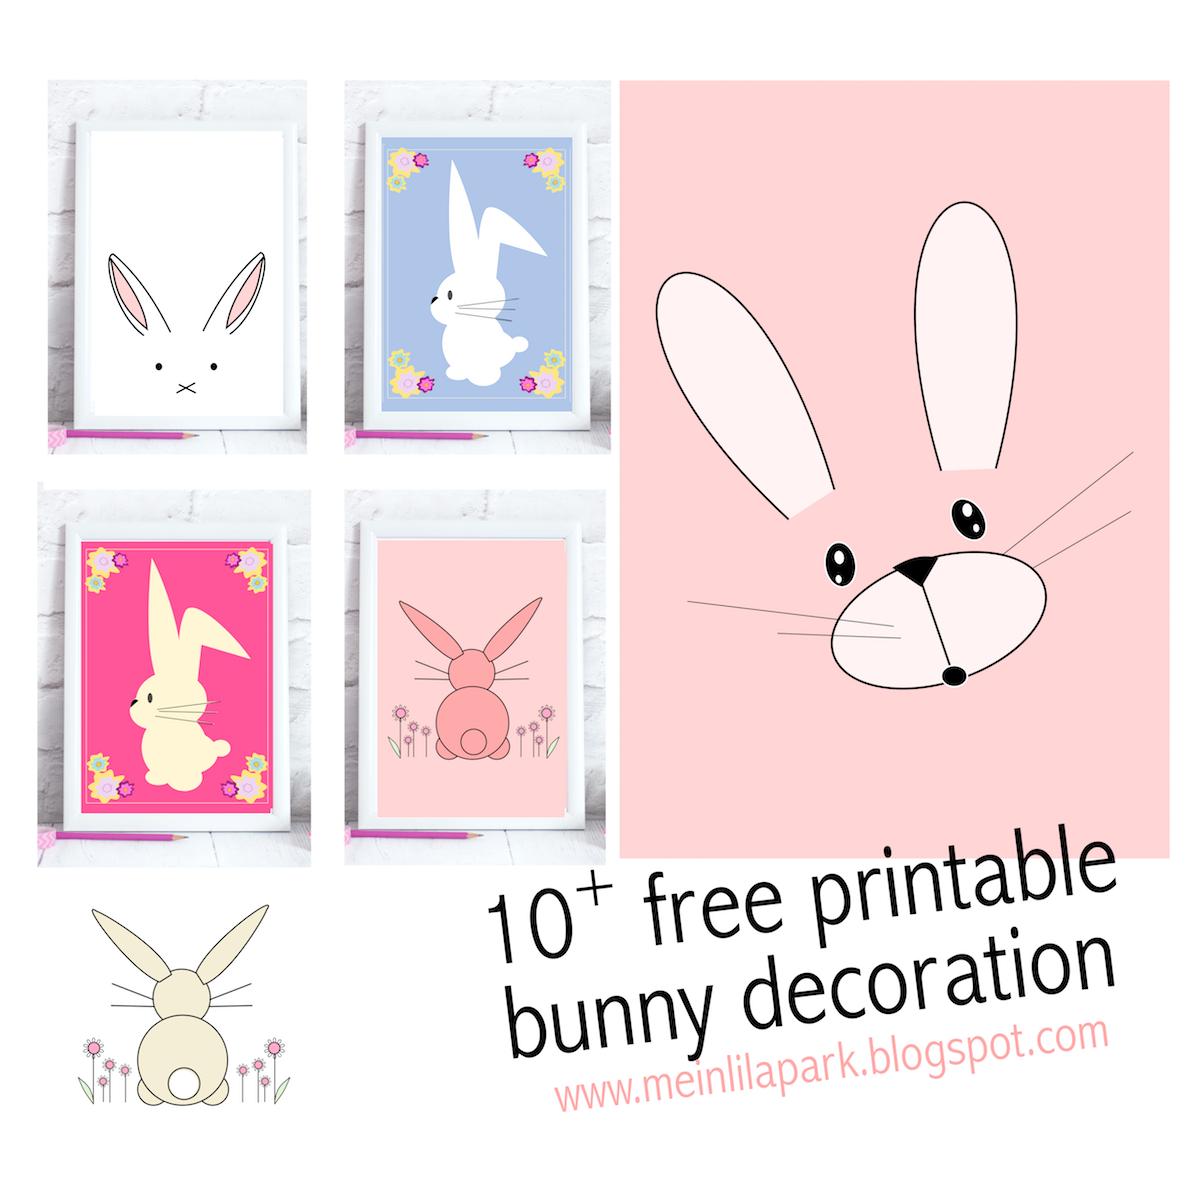 Free Printable Bunny Nursery Decoration - Round Up   Meinlilapark - Free Printable Bunny Pictures